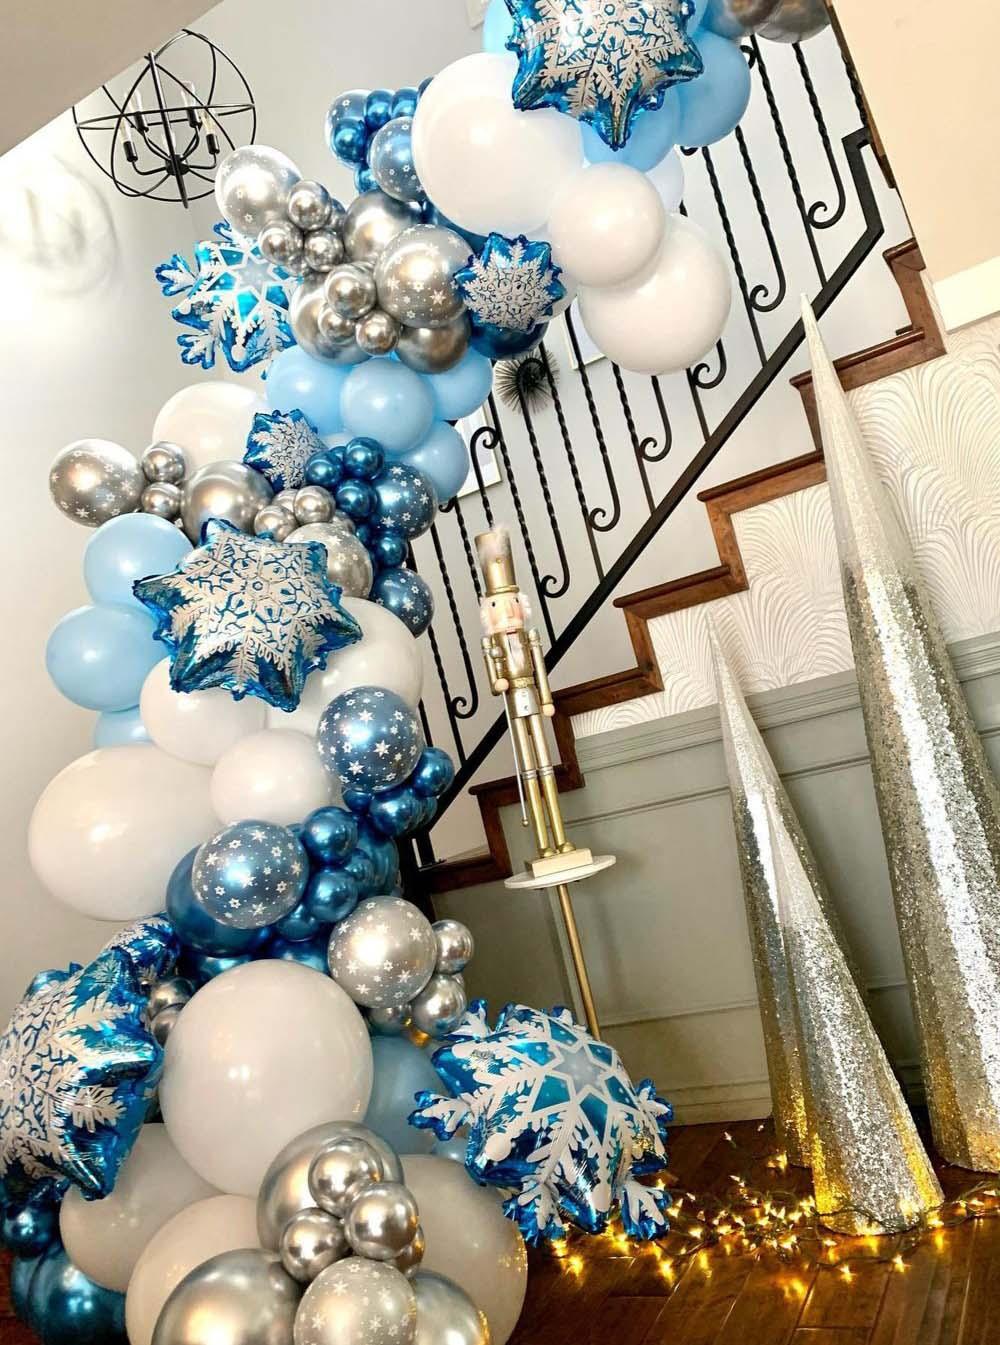 104 قطعة ندفة الثلج بالونات جارلاند قوس عدة الجليد ملكة الثلج بالون معدني لعيد ميلاد المجمدة استحمام الطفل حفل زفاف ديكور